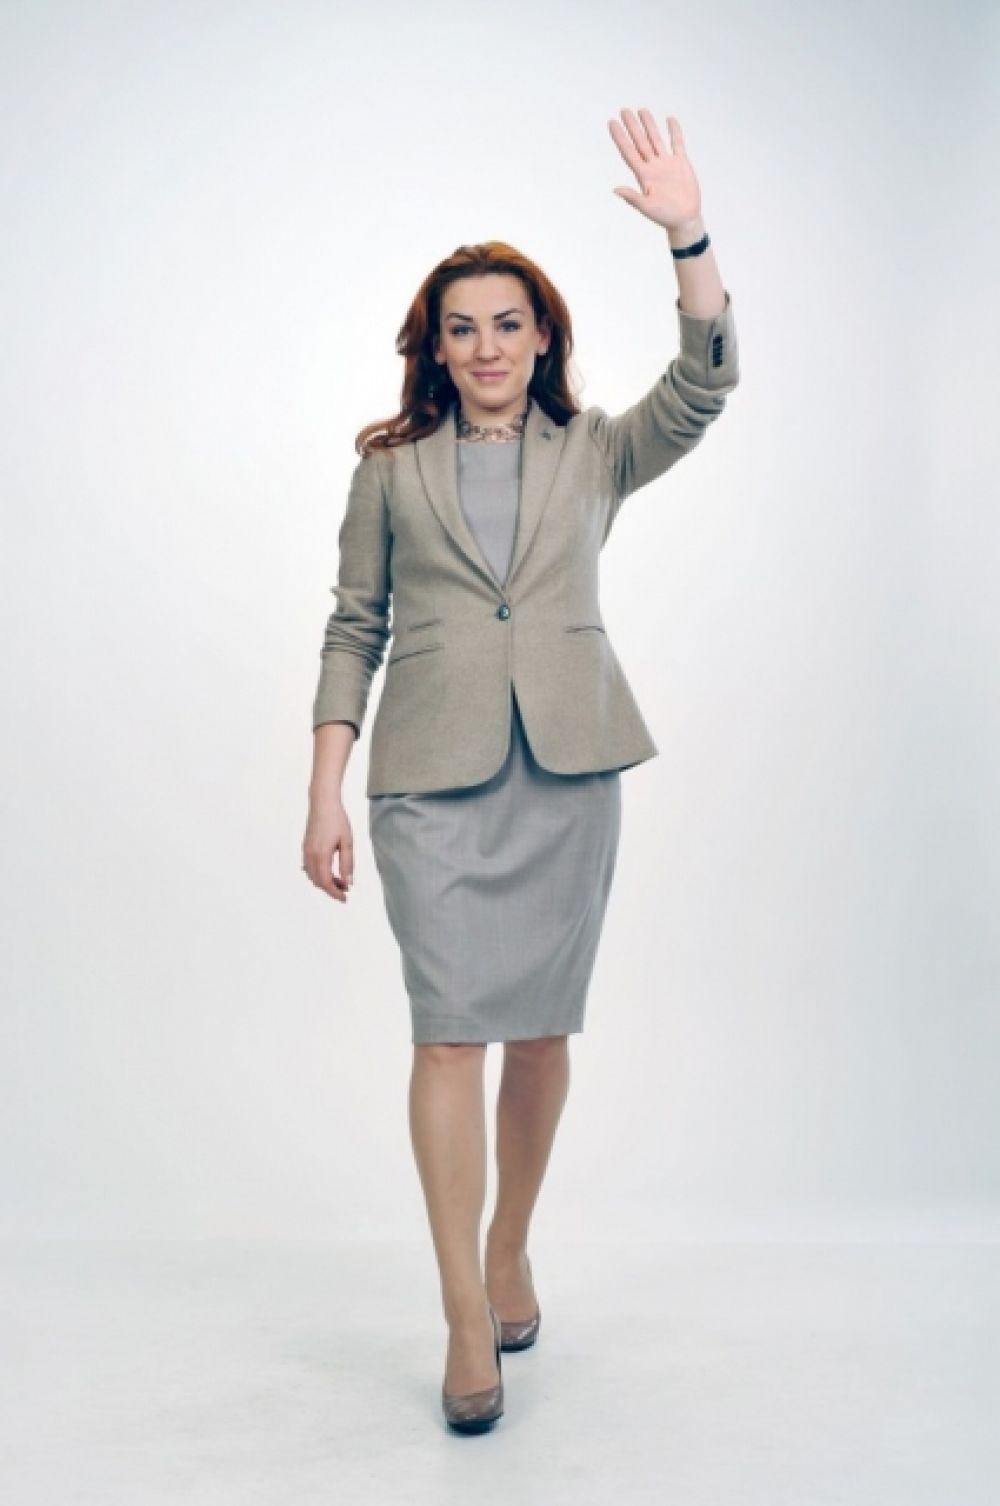 Леся Оробец - народный депутат Украины 6 и 7 созывов (с 2007 года). Ранее была членом партии ВО «Батькивщина», покинула партию 26 марта 2014.